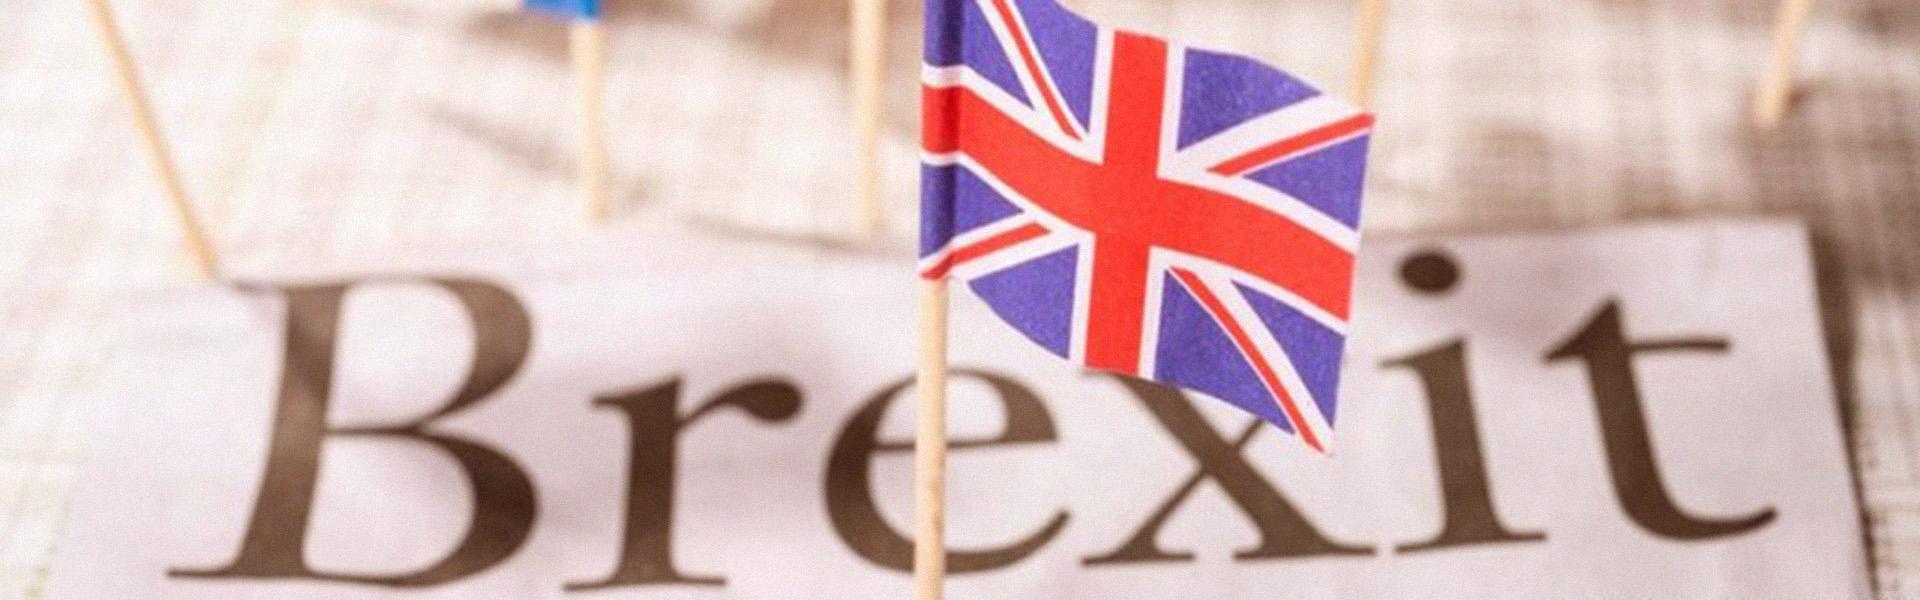 Brexit – мечта о свободе